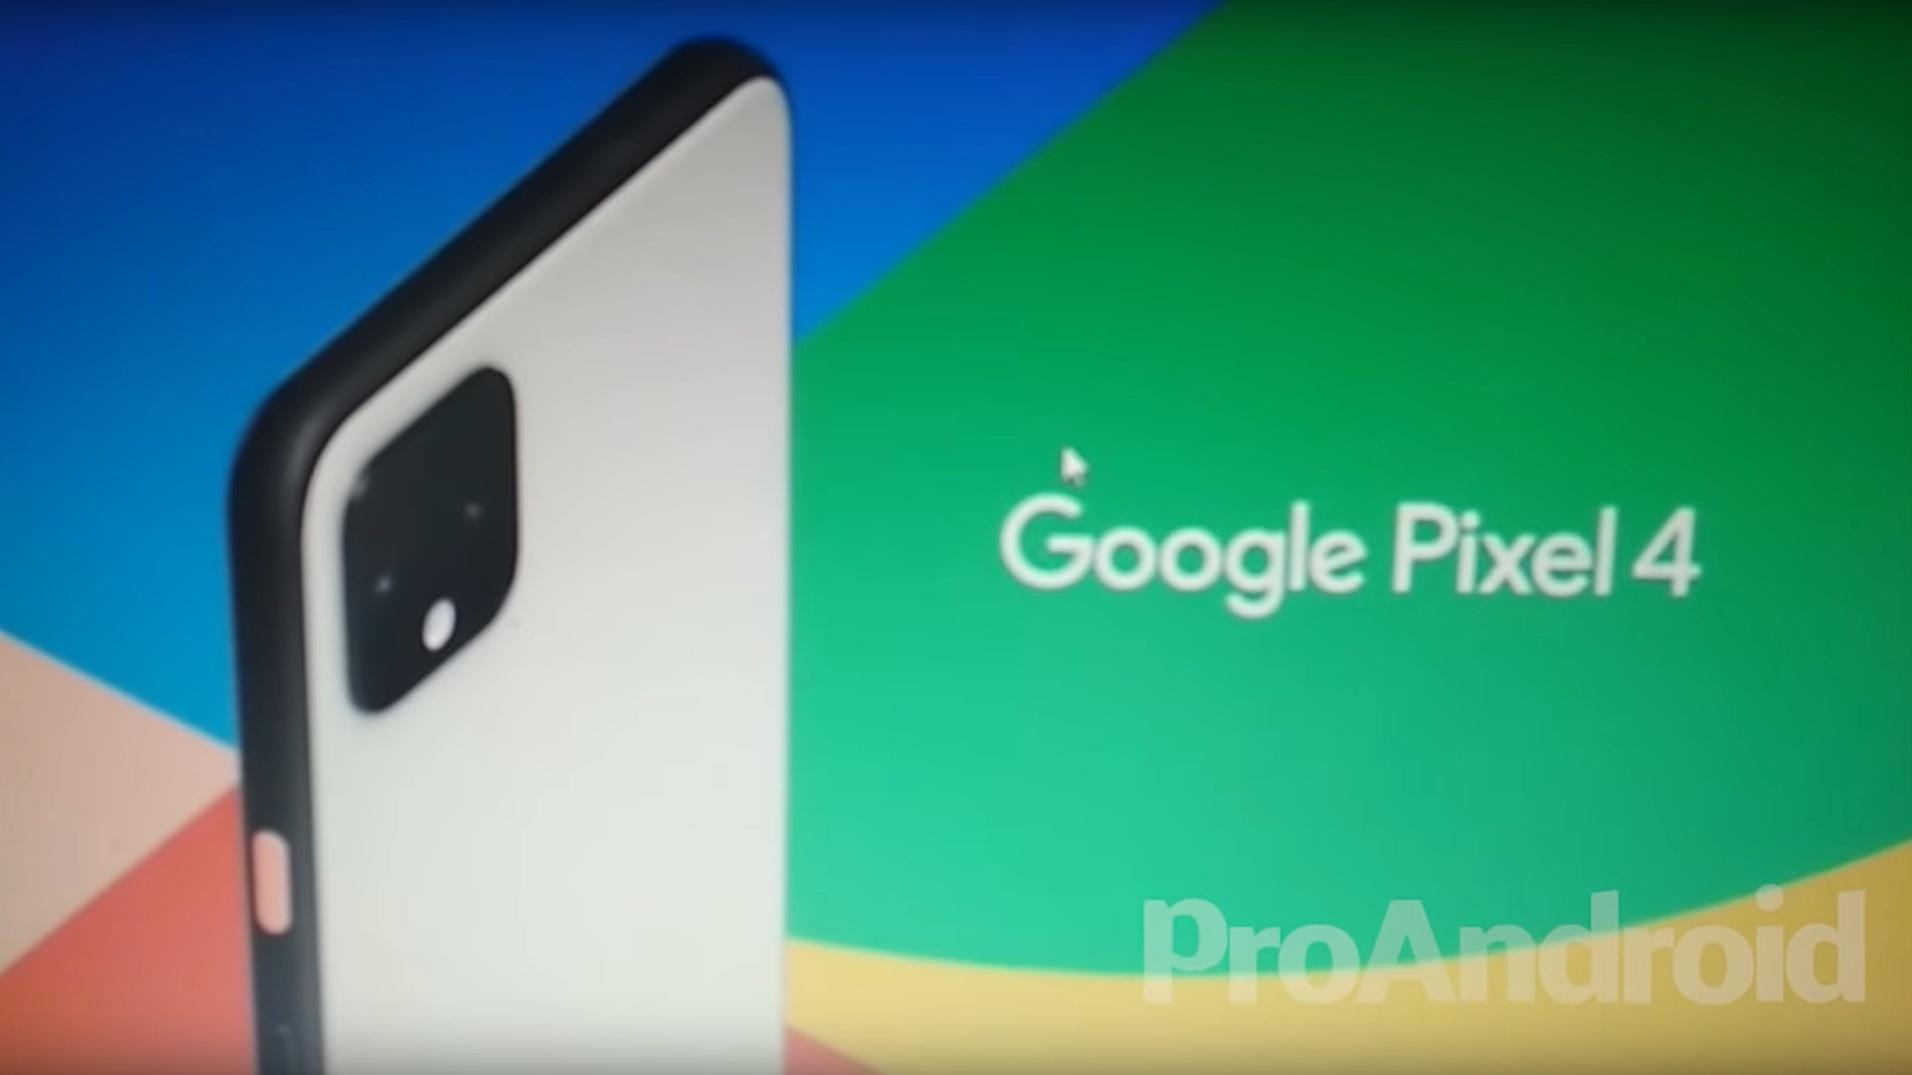 Google Pixel 4 : la vidéo promotionnelle officielle apparaît en ligne